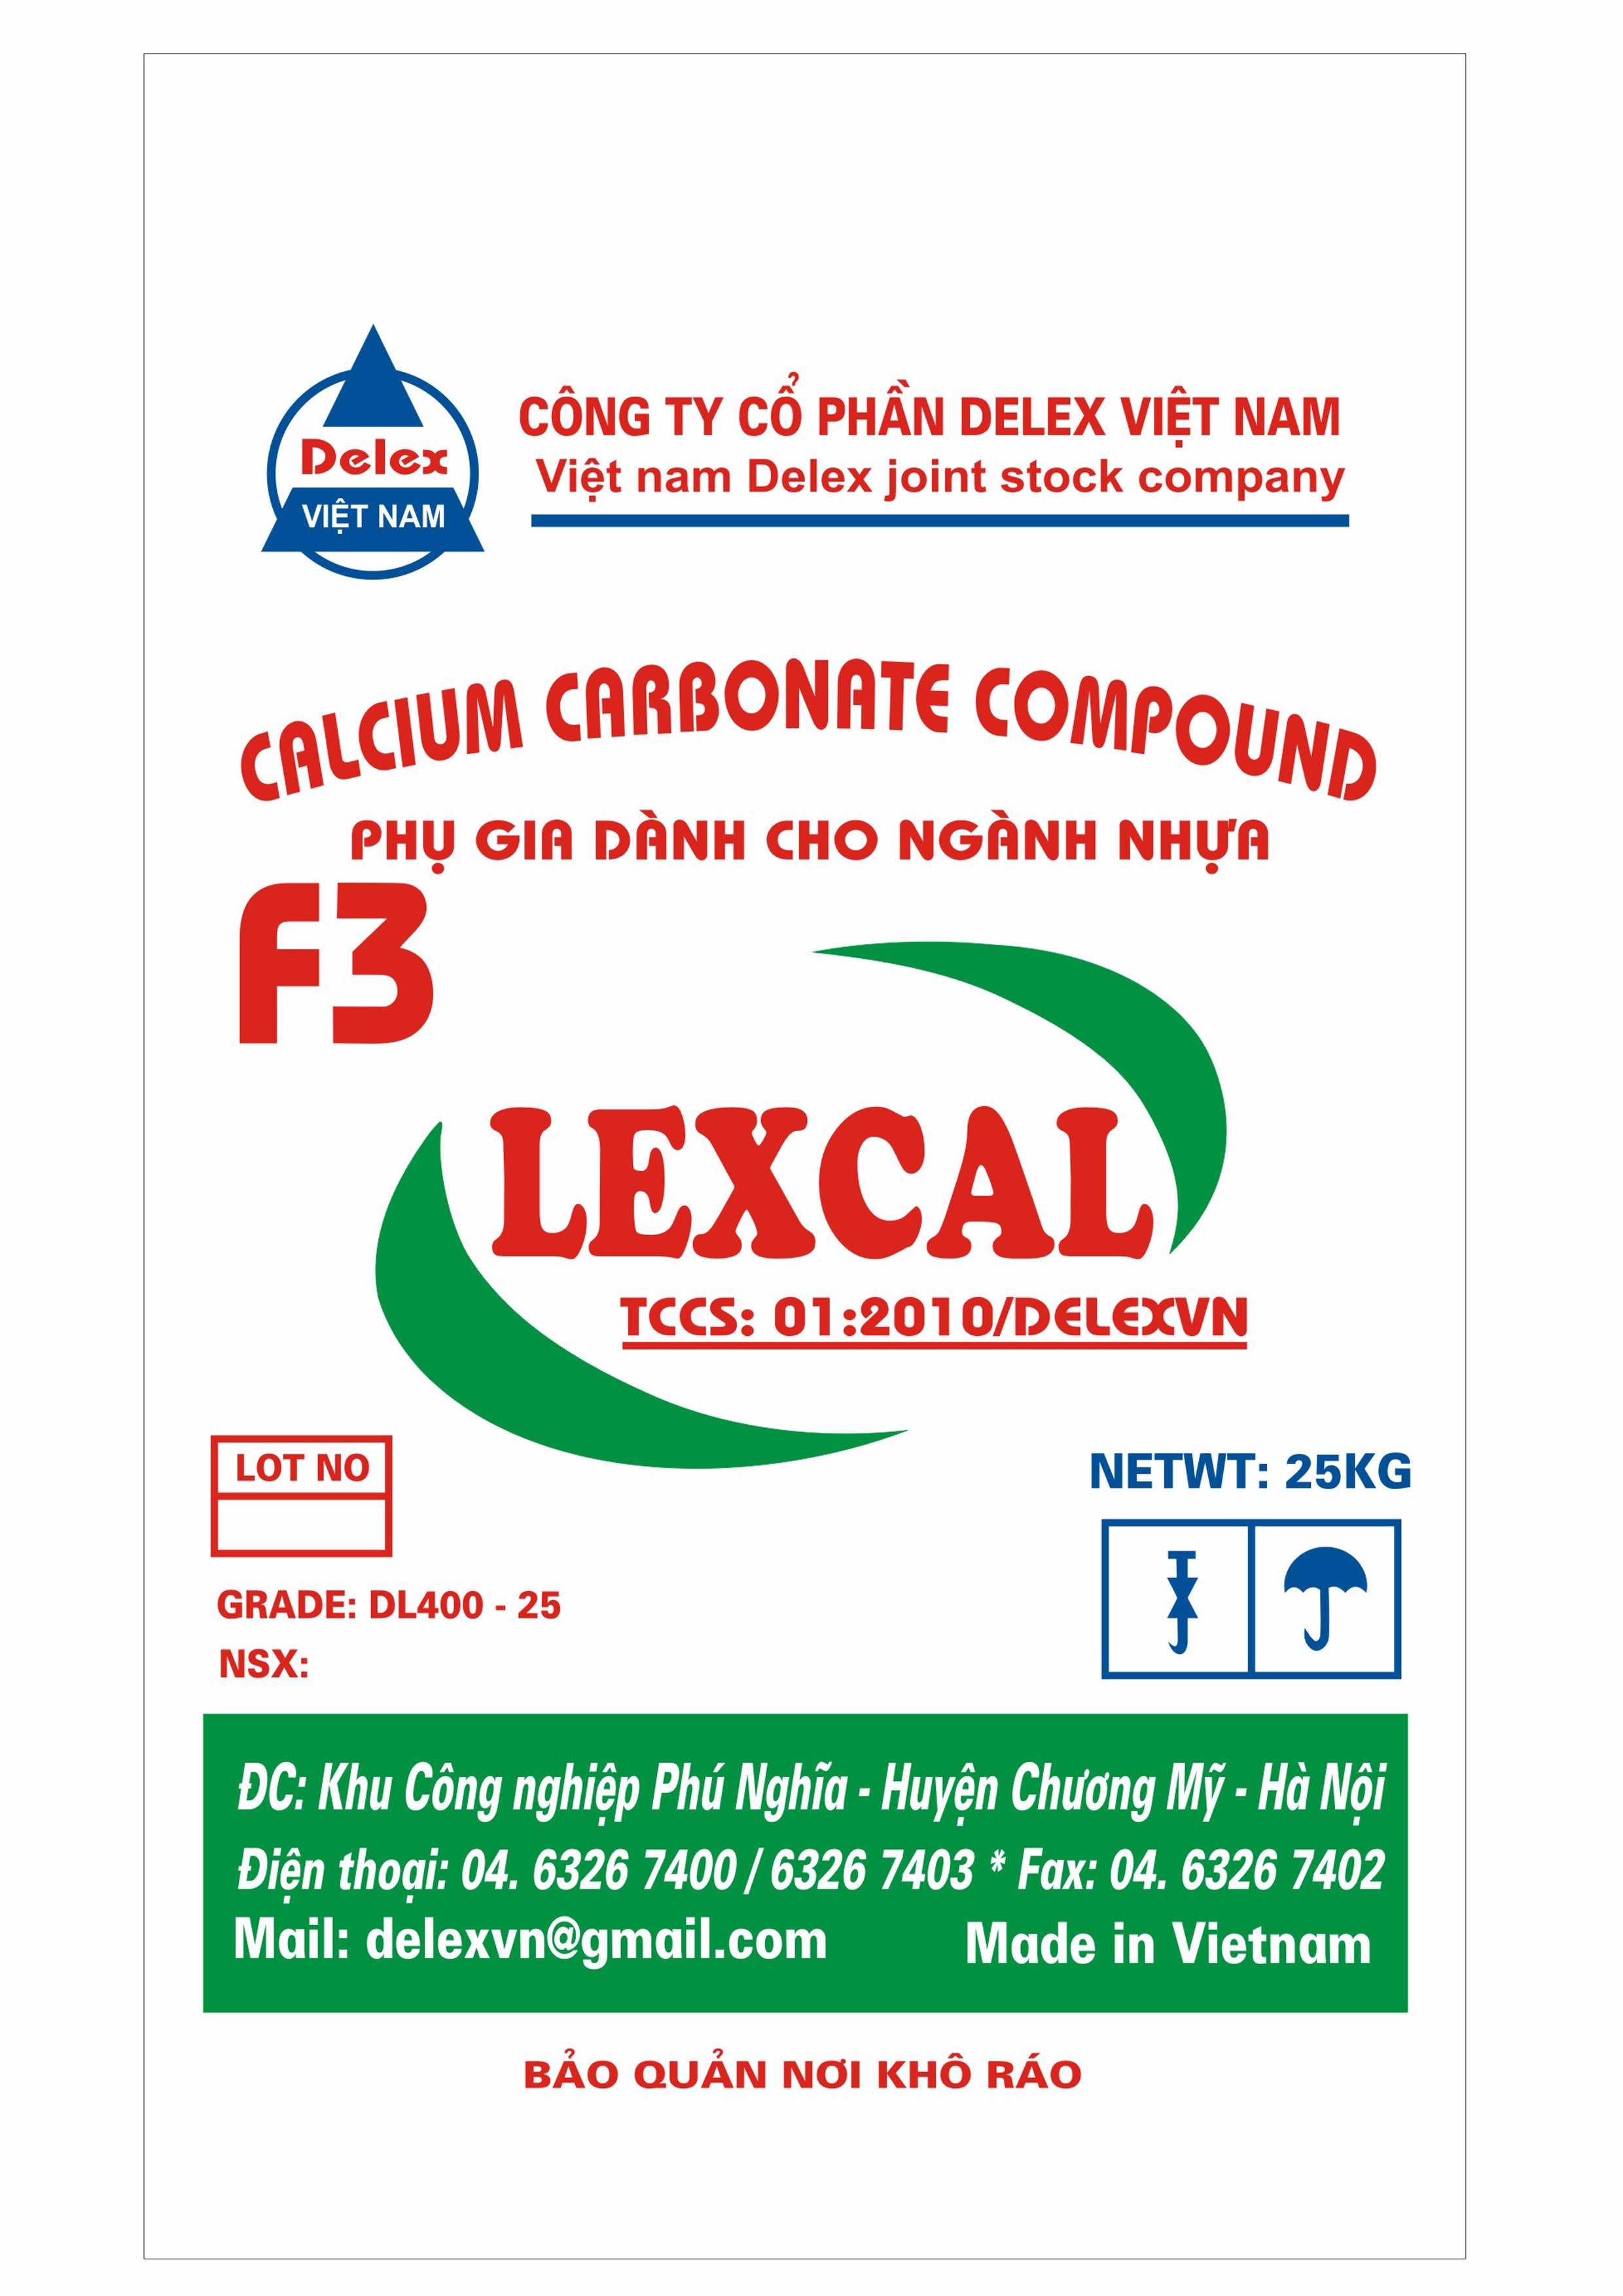 Bao Đựng phụ gia ngành nhựa LEXCAL